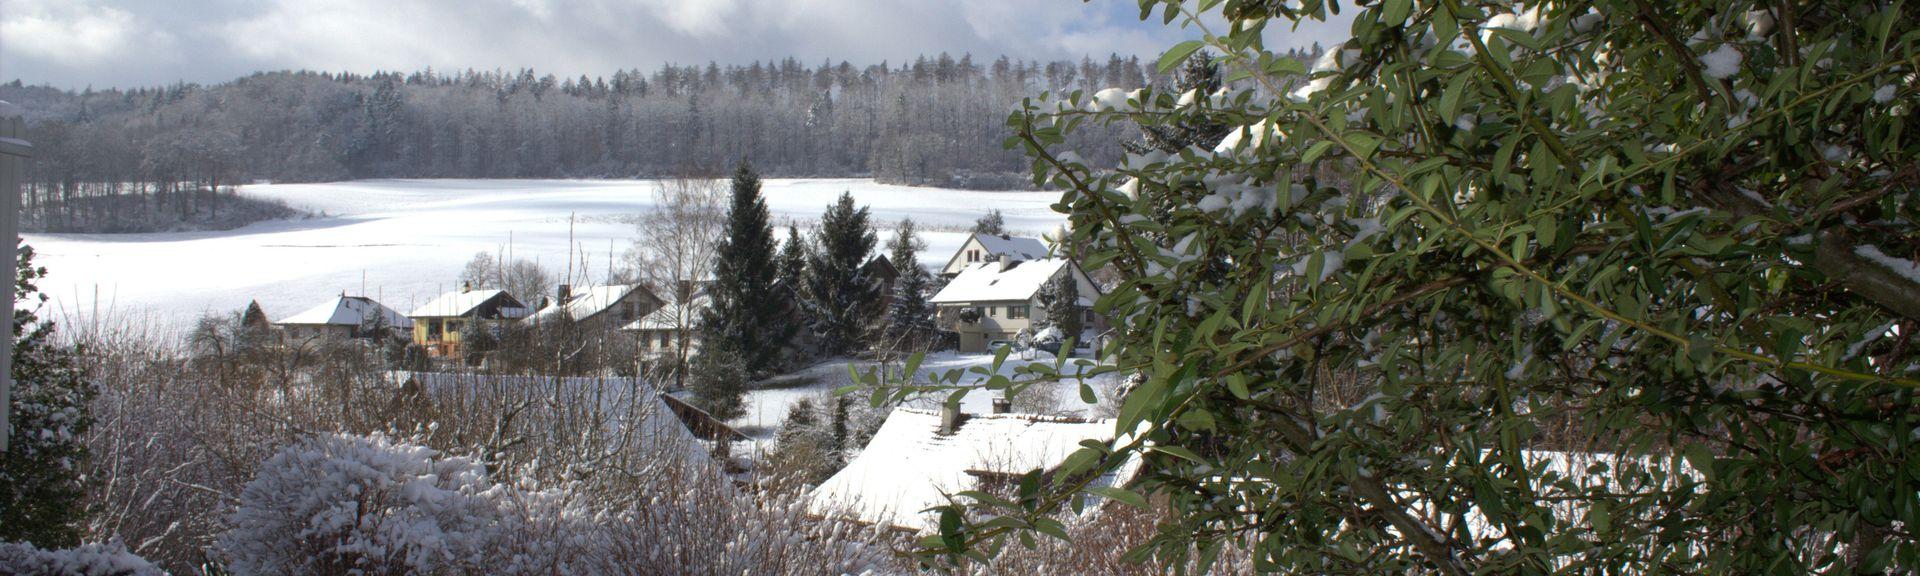 Baden, Canton of Aargau, Switzerland